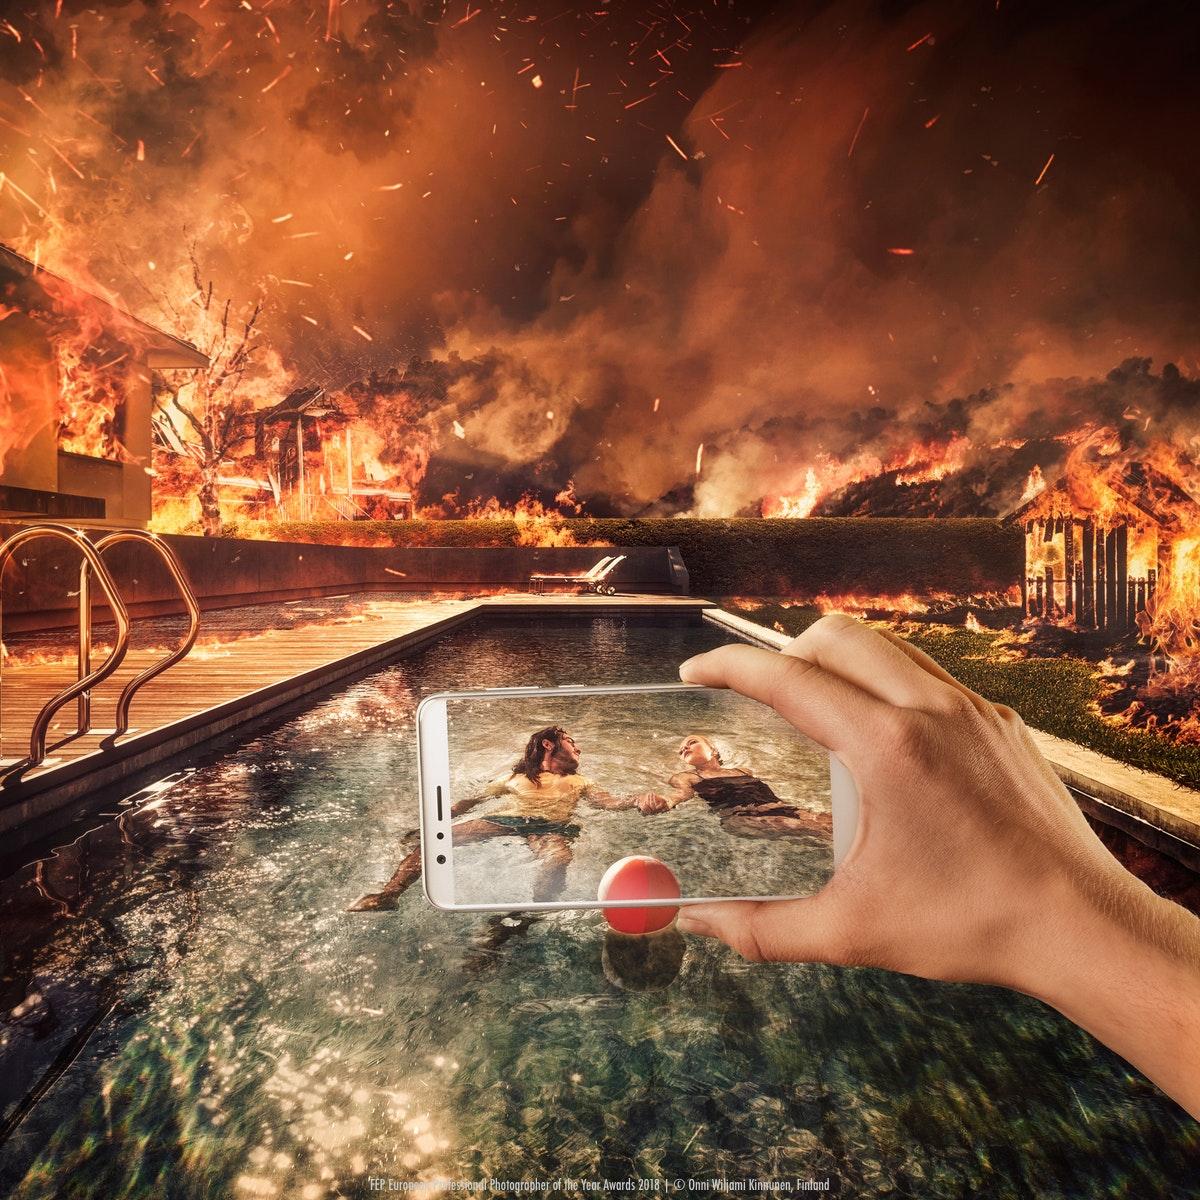 © Онни Вильями Киннунен, Финляндия, Победитель категории «Коммерческая фотография», Европейский профессиональный фотограф года 2018